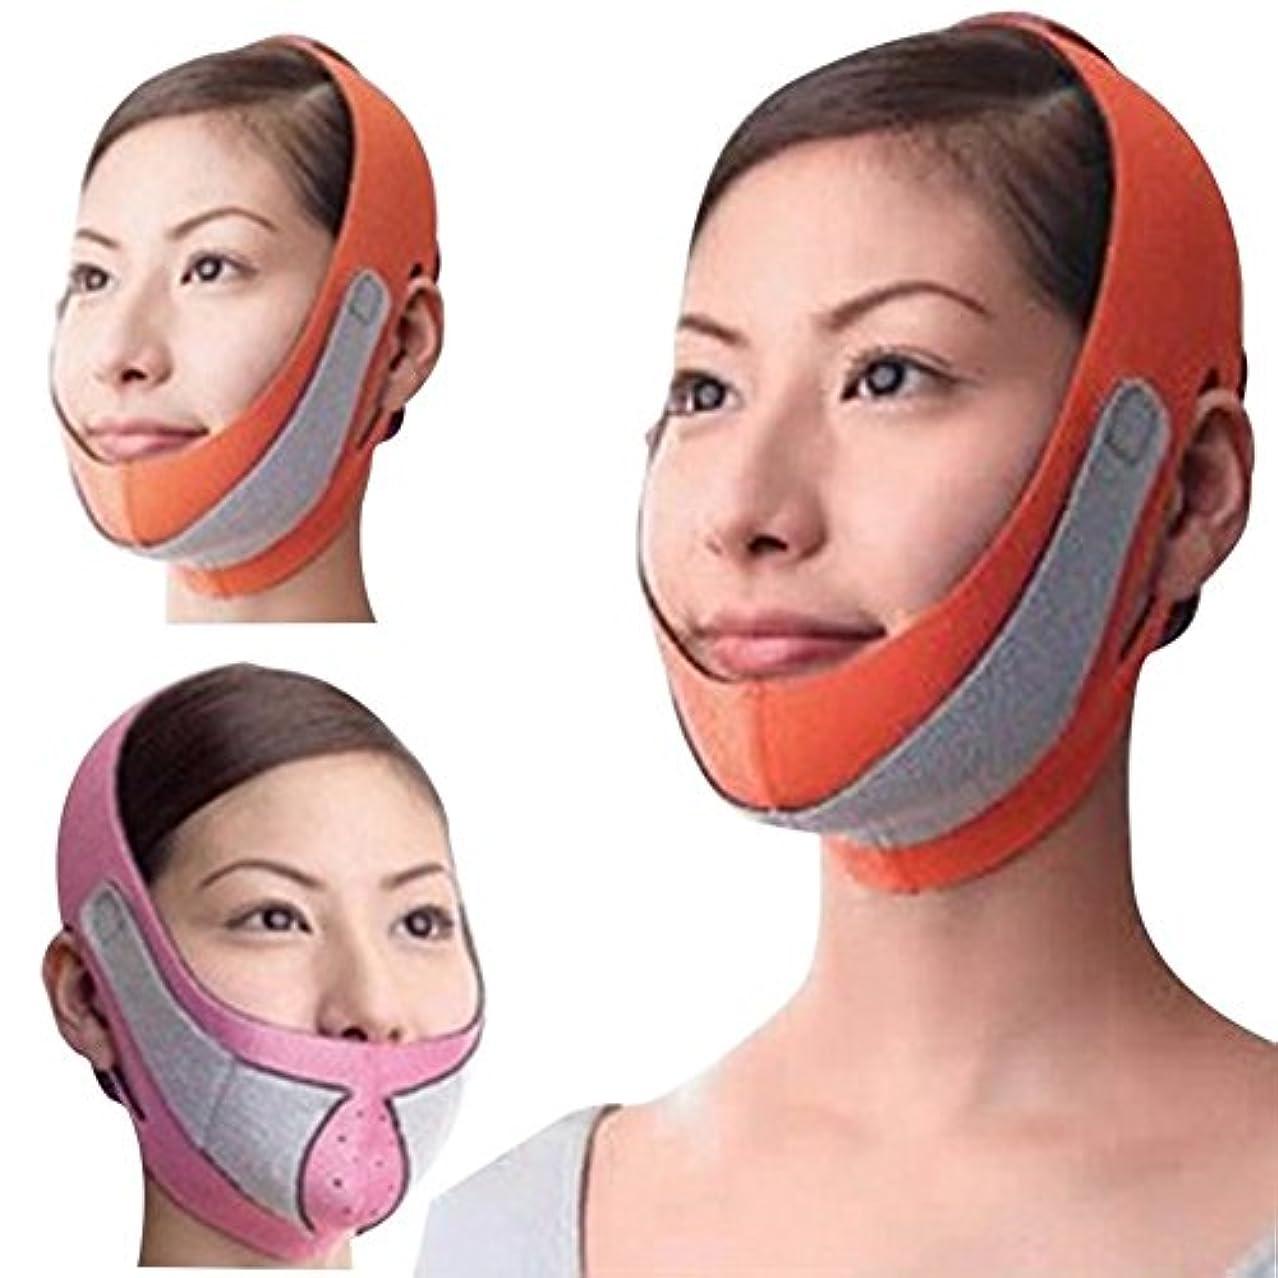 堀ヘッドレス中古Remeehi 引き上げマスク 頬のたるみ 額 顎下 頬リフトアップ ピンク グレー 弾力V-ラインマスク 引っ張る リフティング フェイス リフトスリムマスク 美容 フェイスマスク ピンク